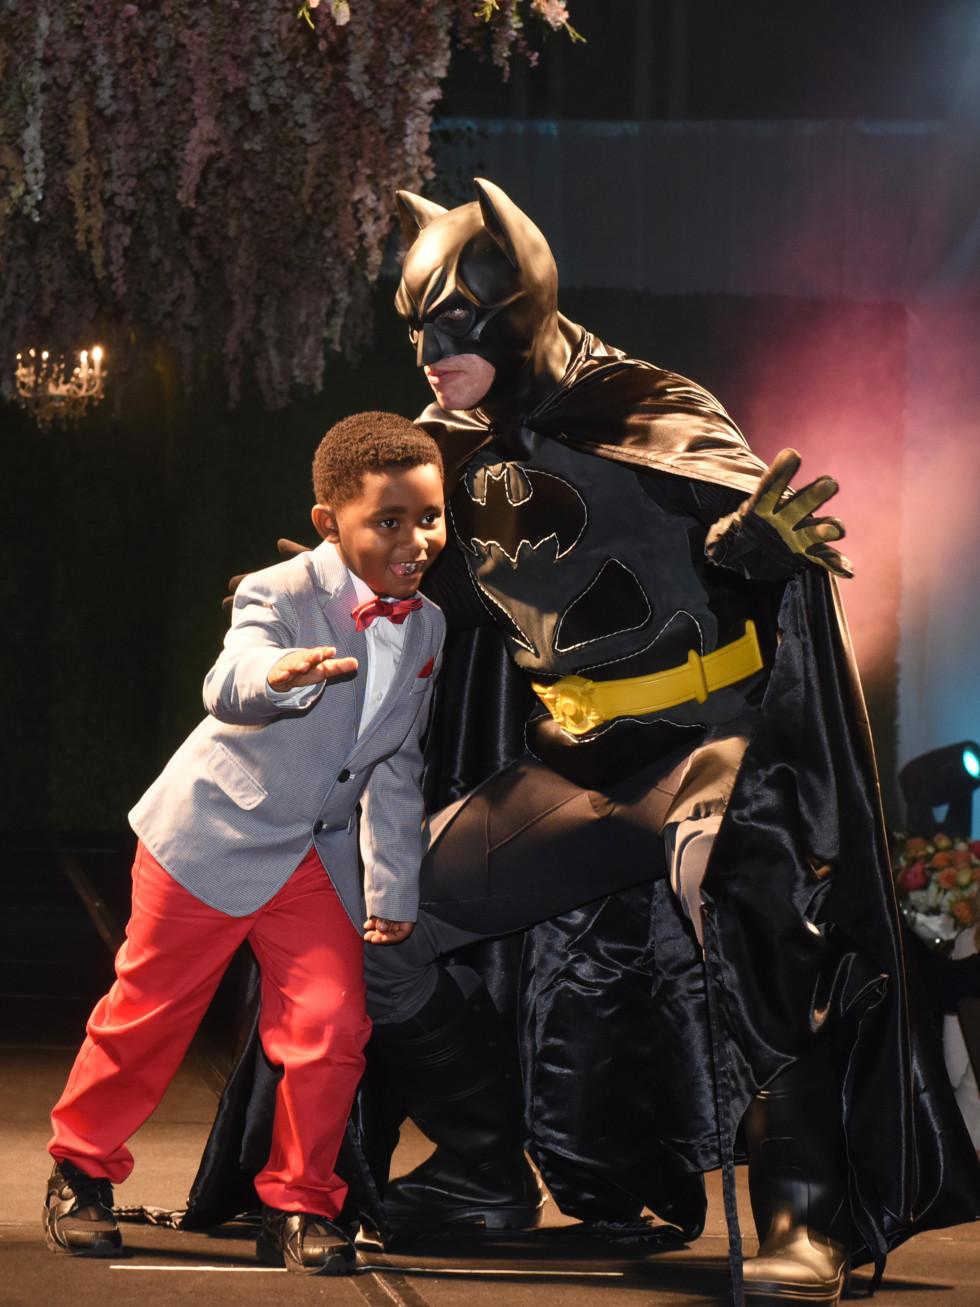 Antoine Wilkerson, 5, of Pittsburg: Batman